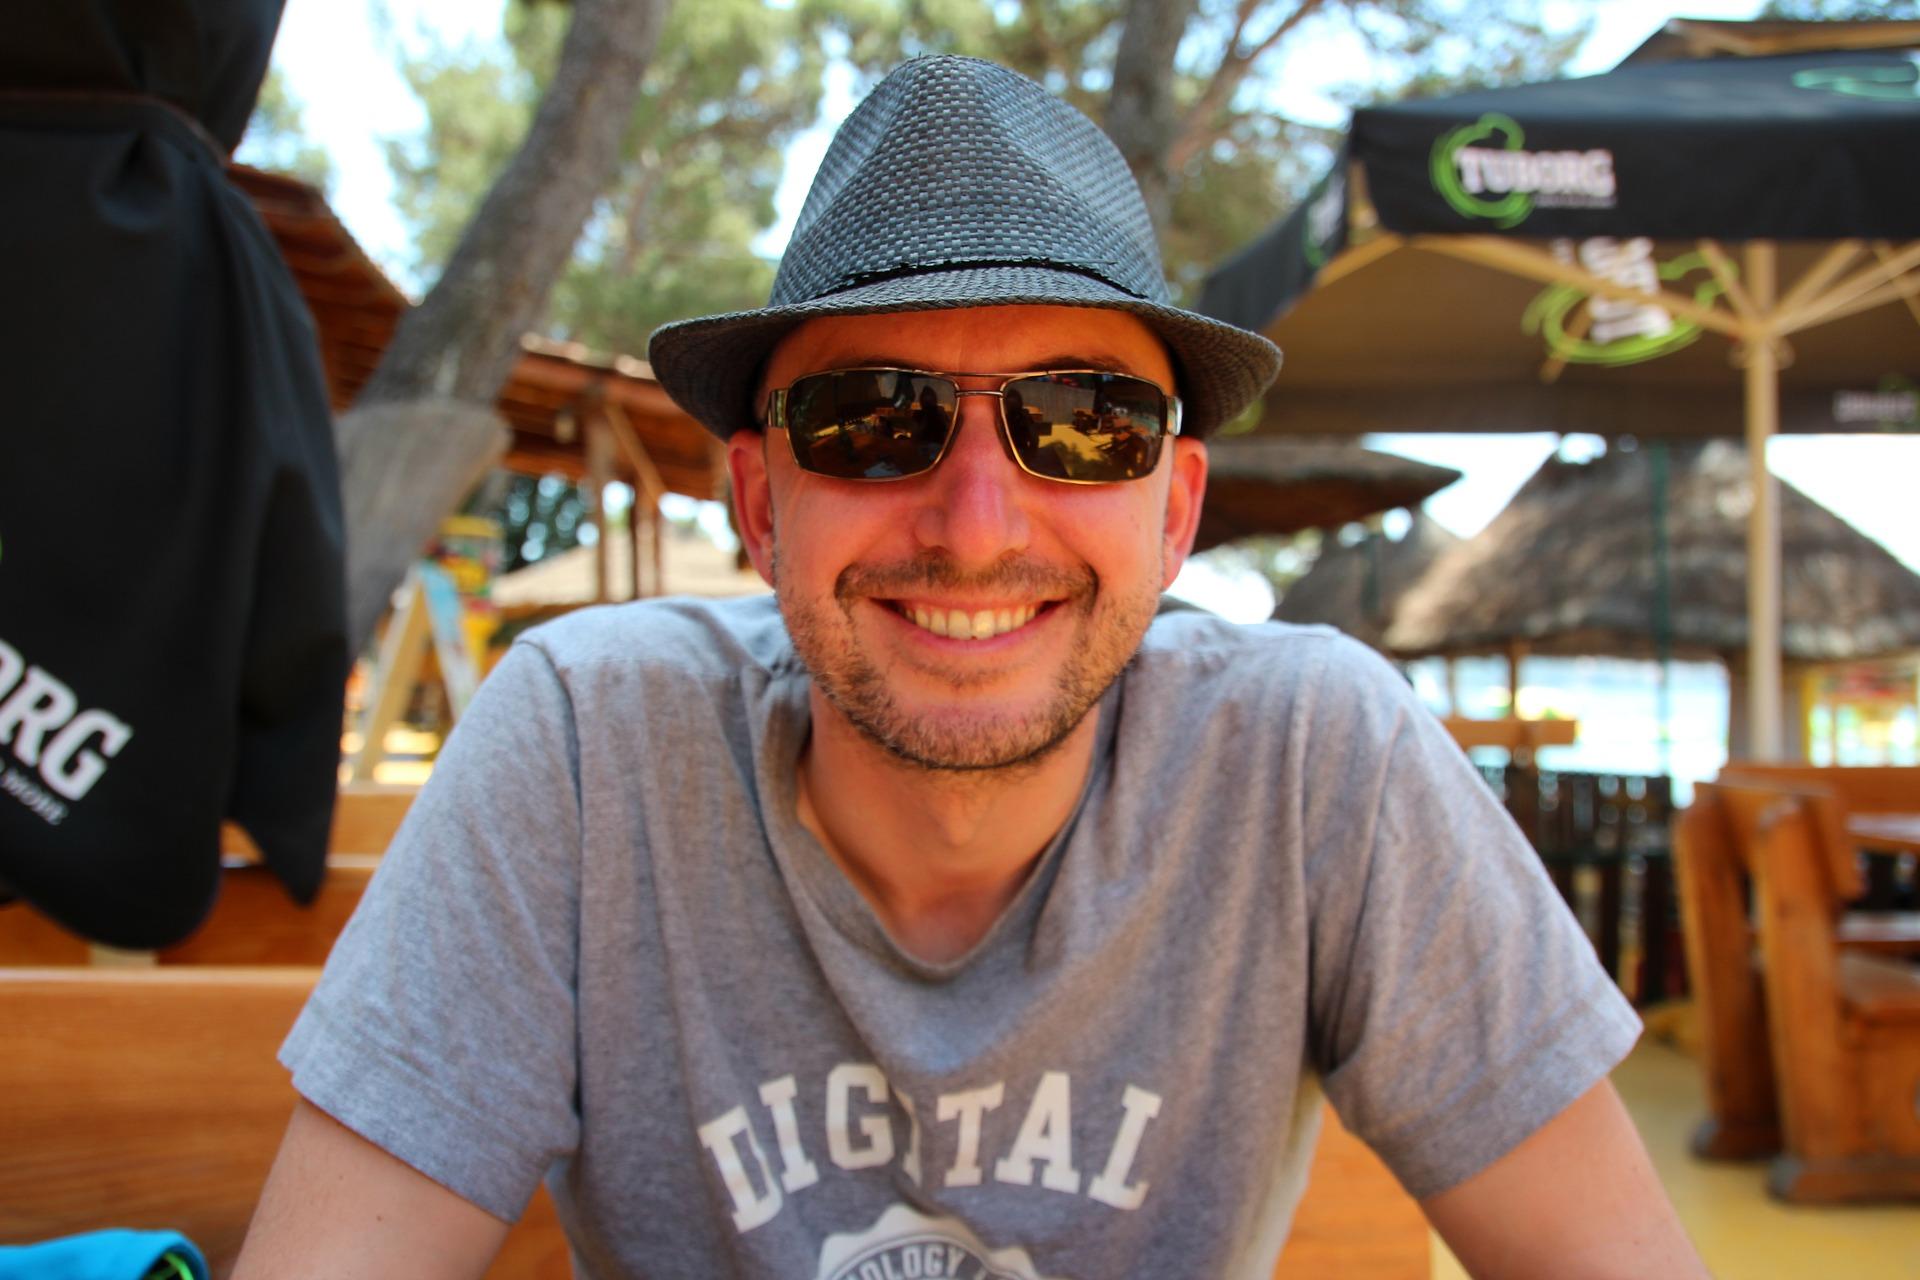 digital nomad freelancer man